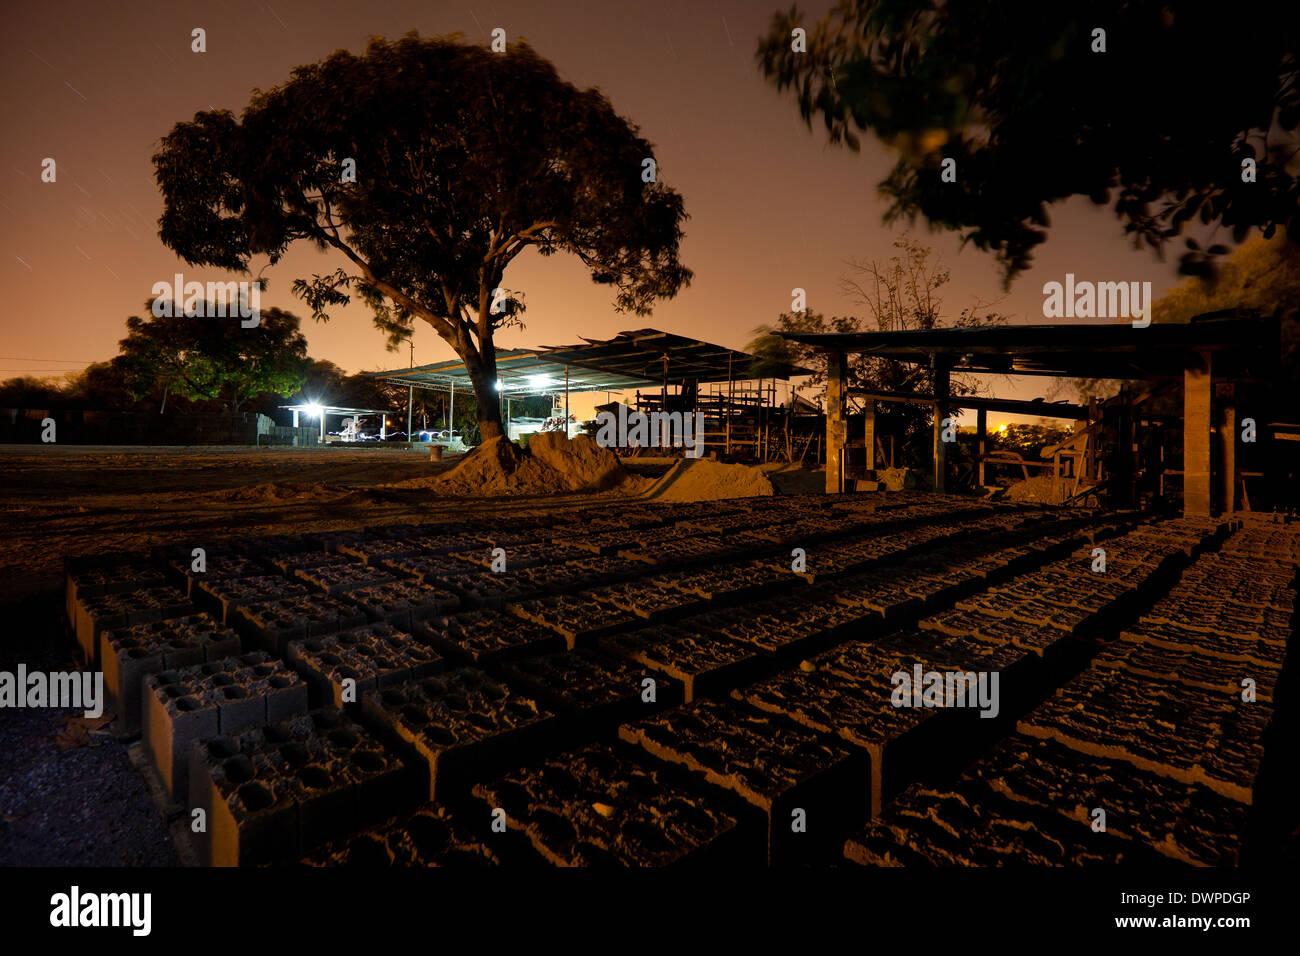 Notte a materiali di costruzione impianto Industrias Gordon S.A. in Penonome, Cocle Affitto provincia, Repubblica di Panama. Immagini Stock